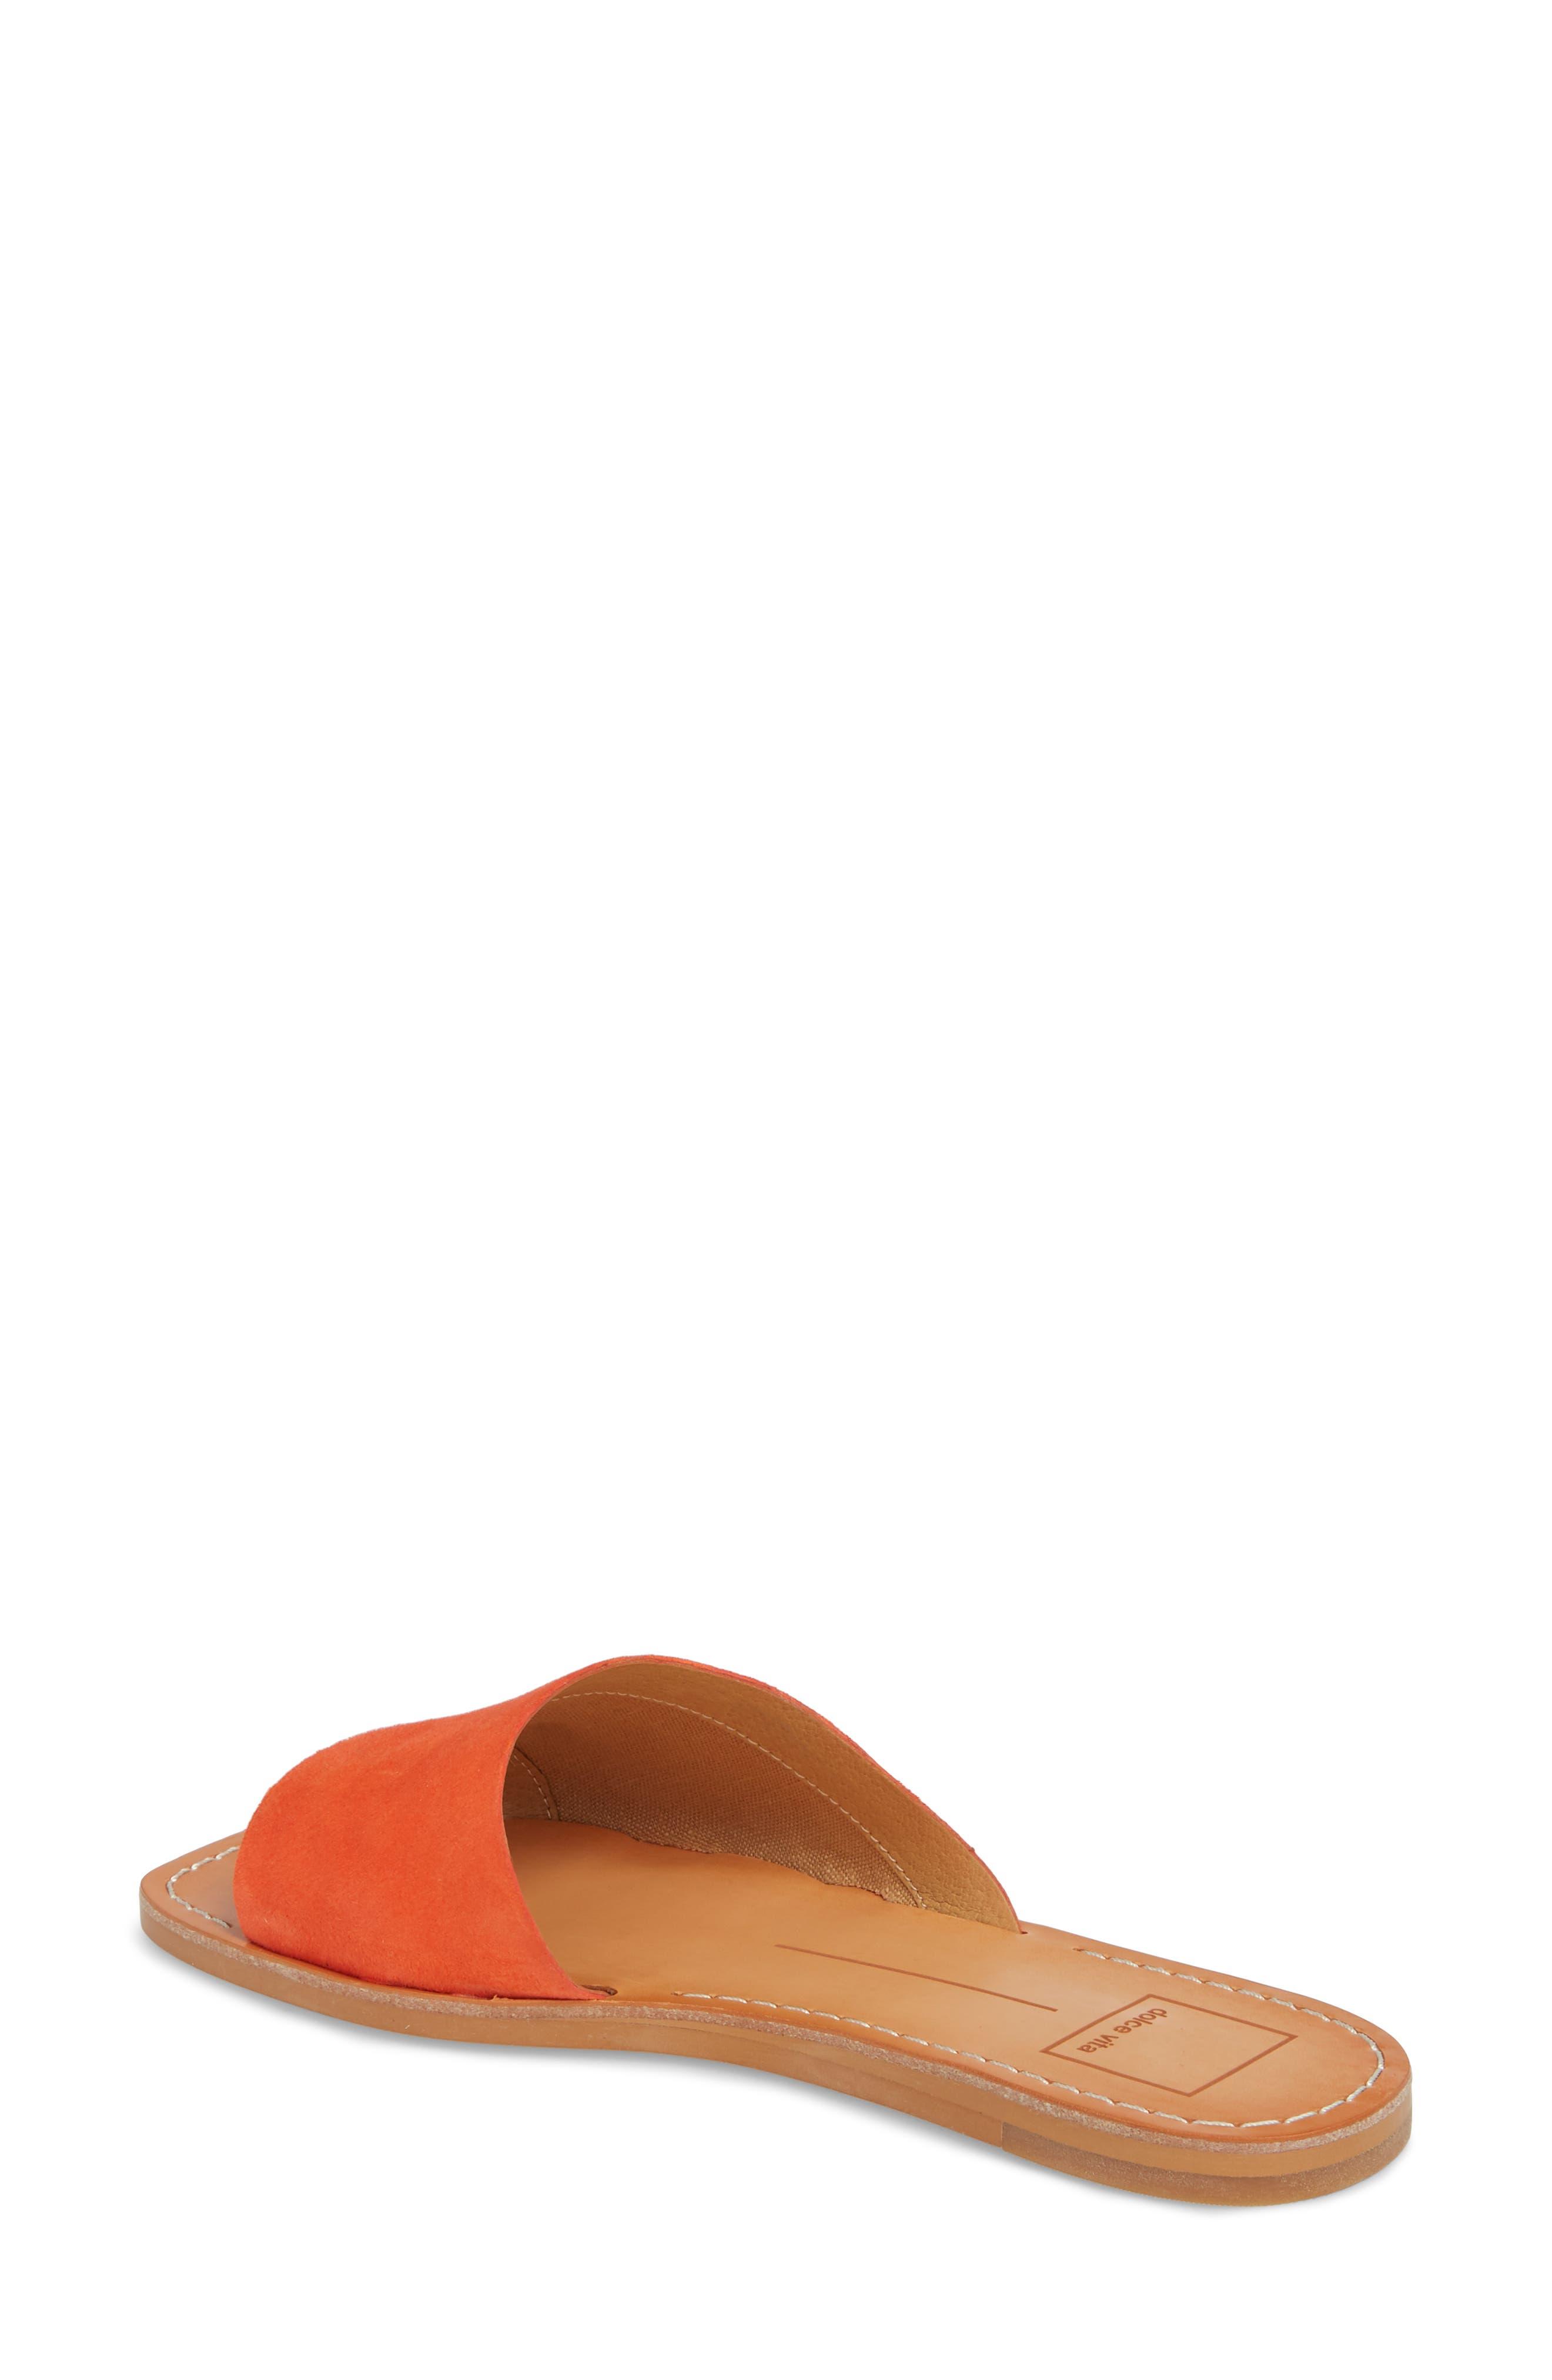 Cato Asymmetrical Slide Sandal,                             Alternate thumbnail 13, color,